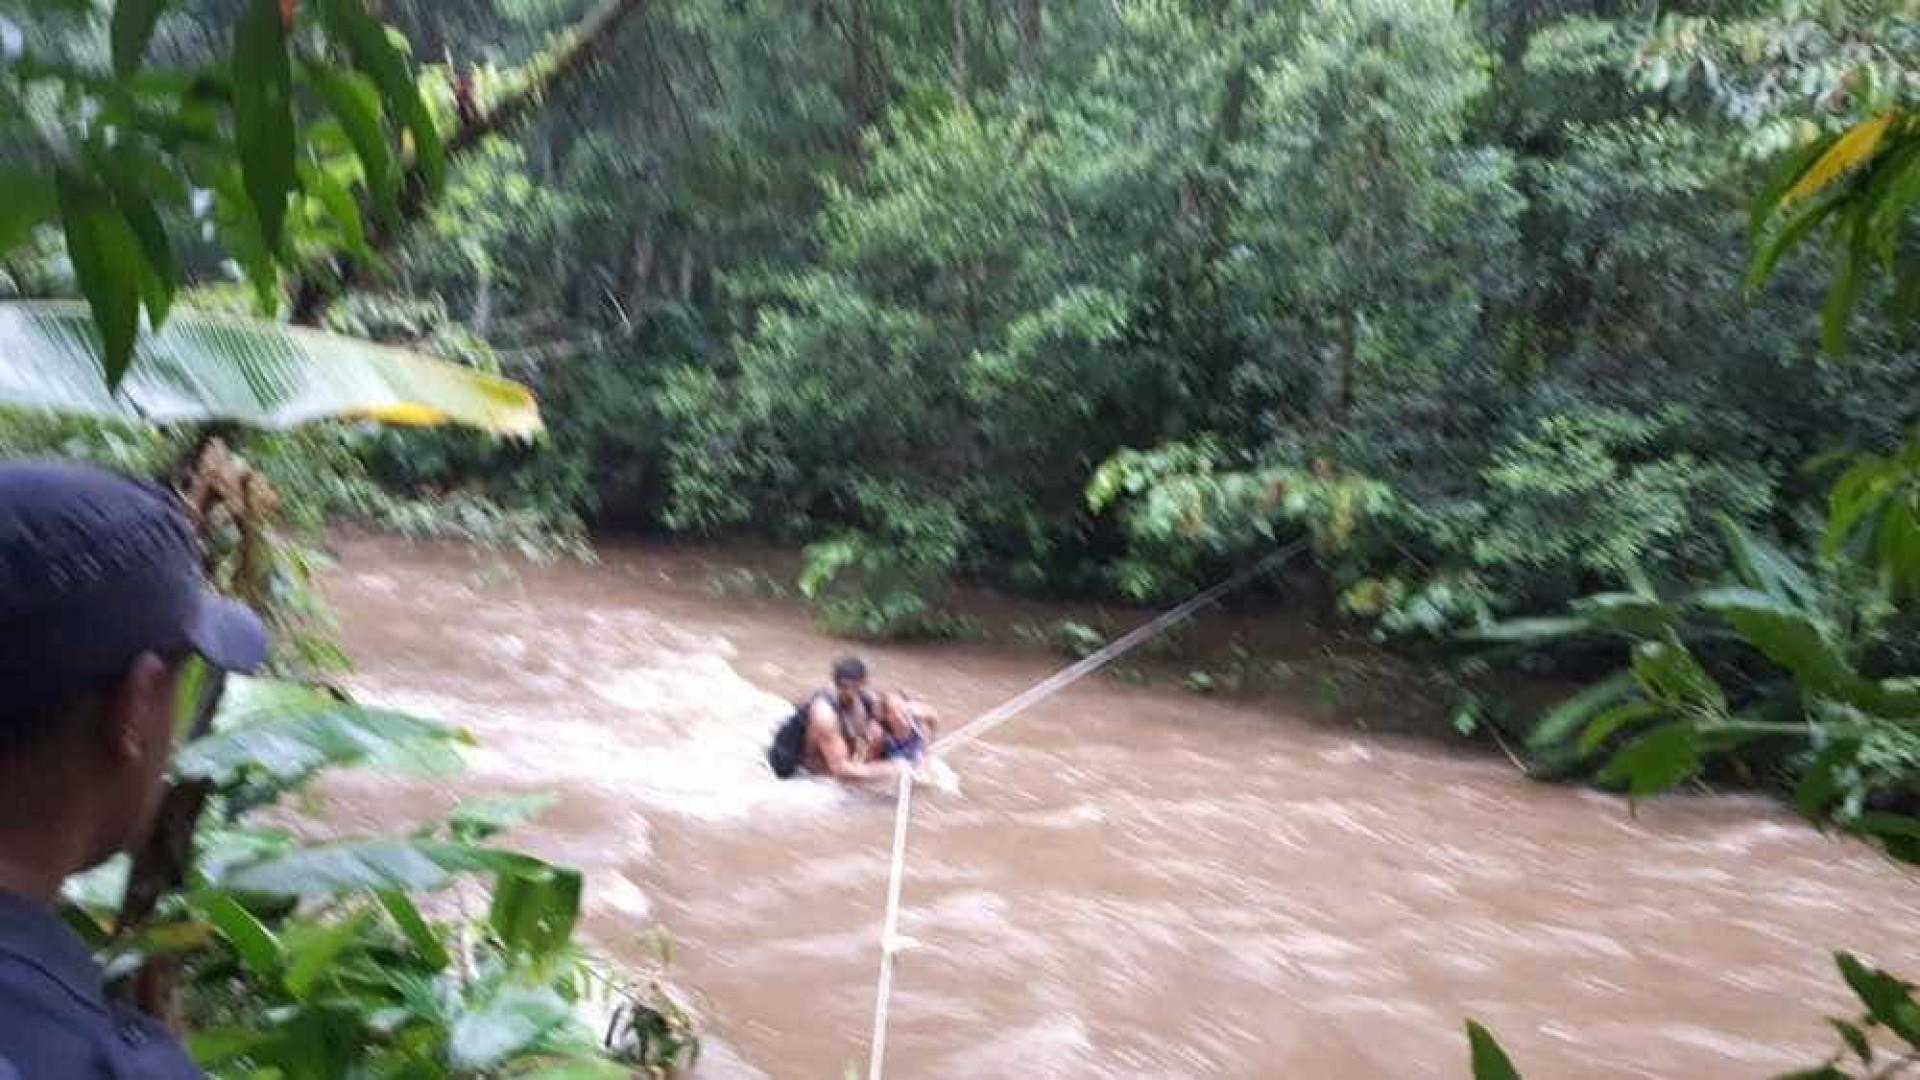 Casal ilhado é resgatado em área de mata fechada em SP; vídeo